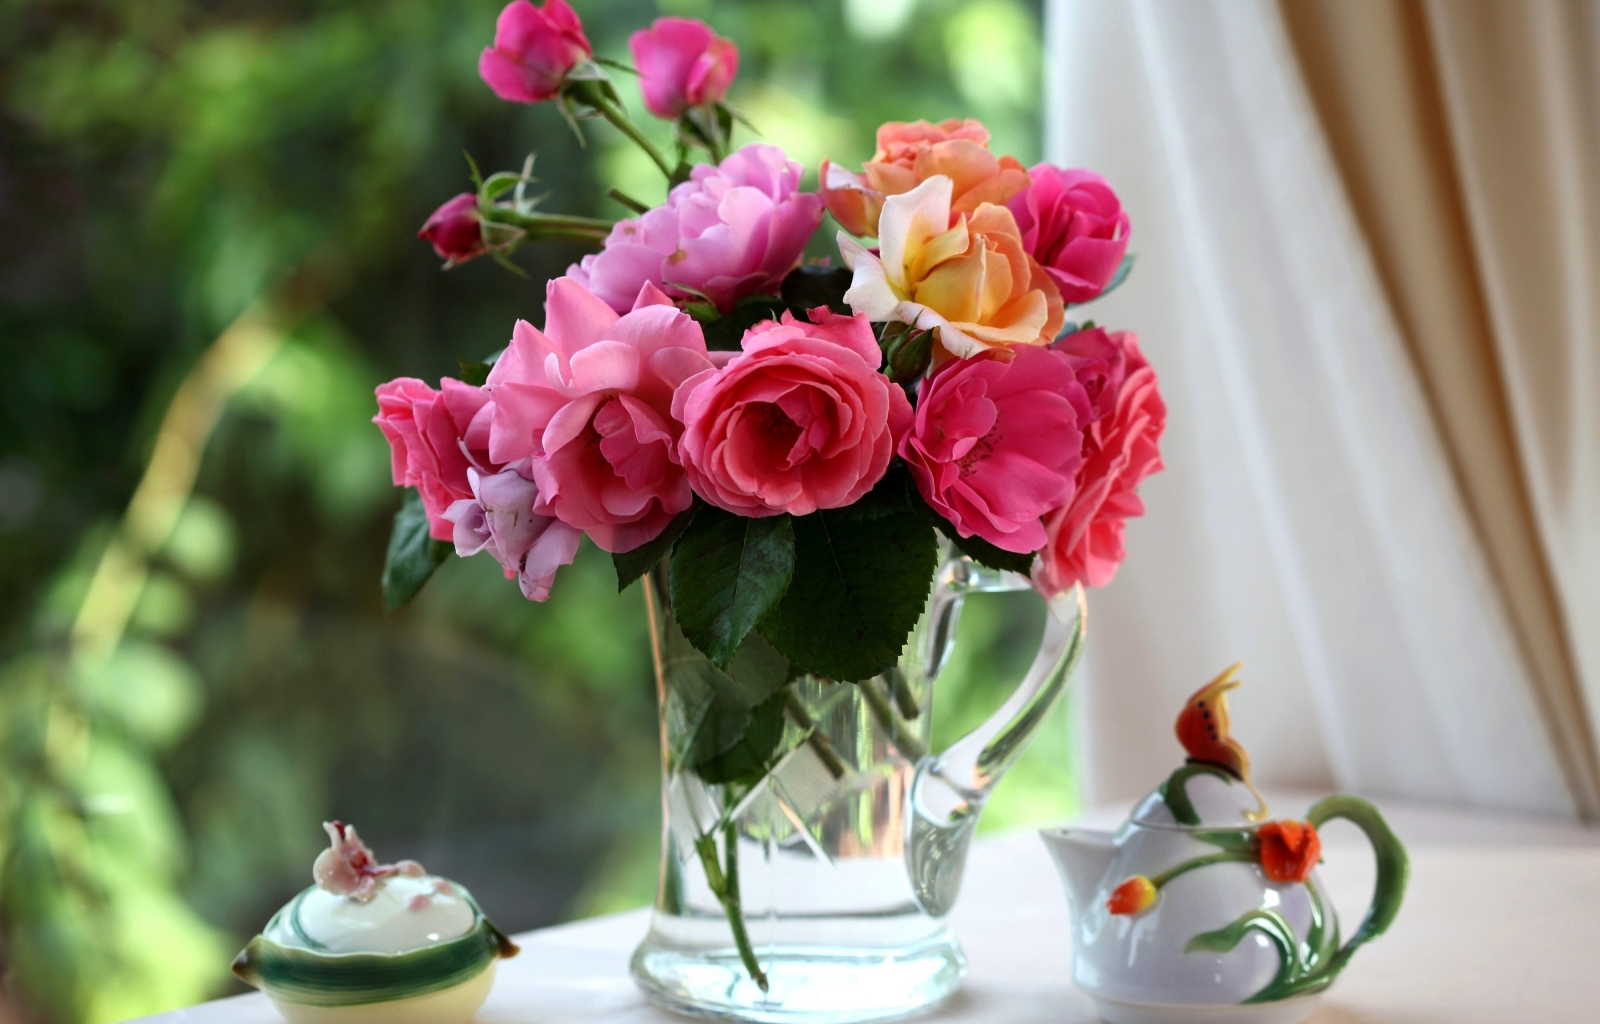 37265 скачать обои Растения, Цветы, Букеты - заставки и картинки бесплатно